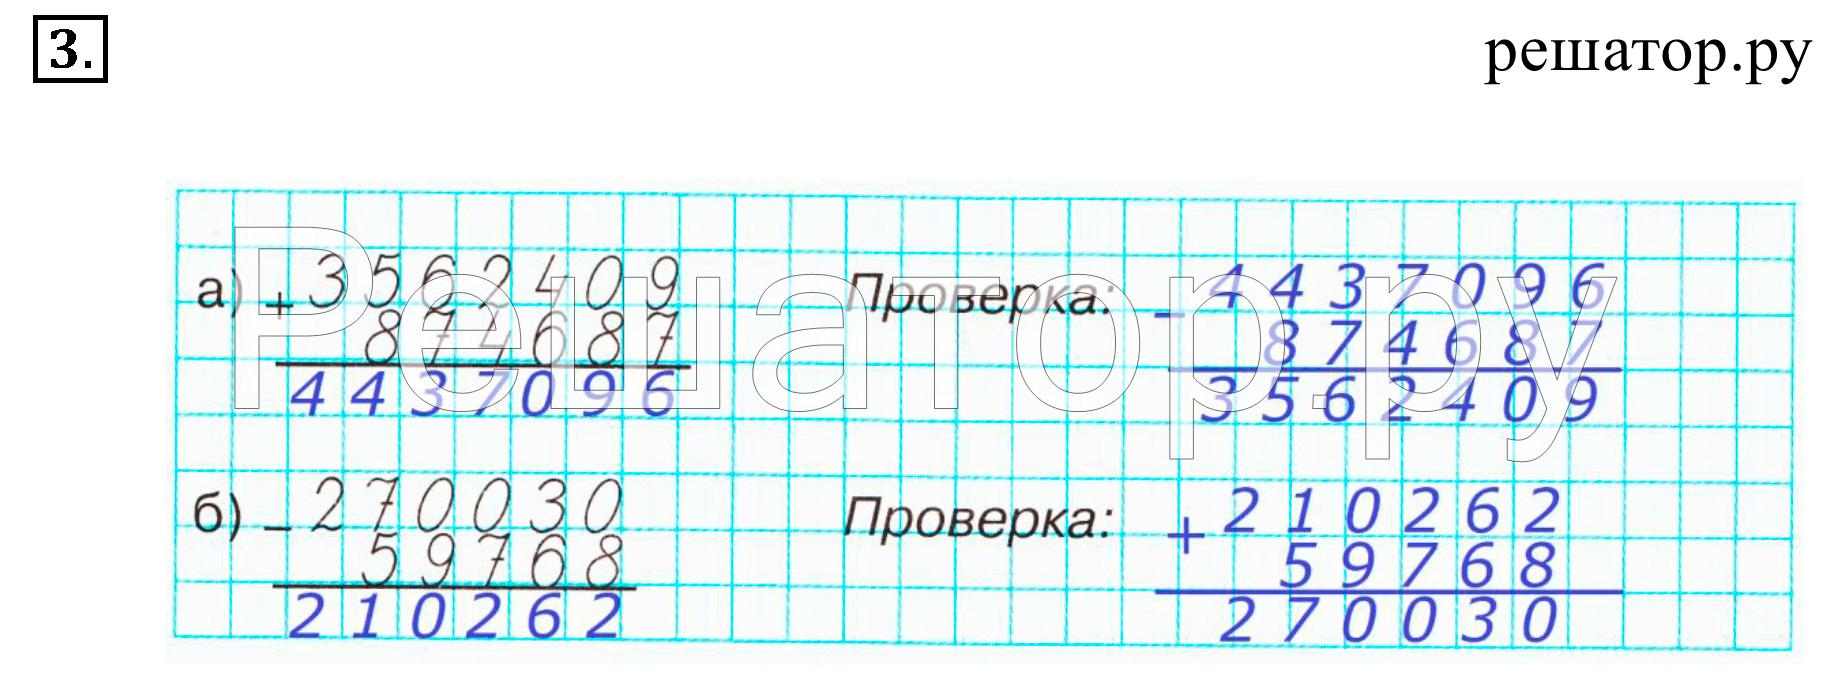 ГДЗ к самостоятельным и контрольным работам по математике класс  Самостоятельная работа к урокам 24 25 стр 19 20 1 2 3 4 5 Самостоятельная работа к урокам 16 25 стр 21 22 1 2 3 4 5 6 7 8 9